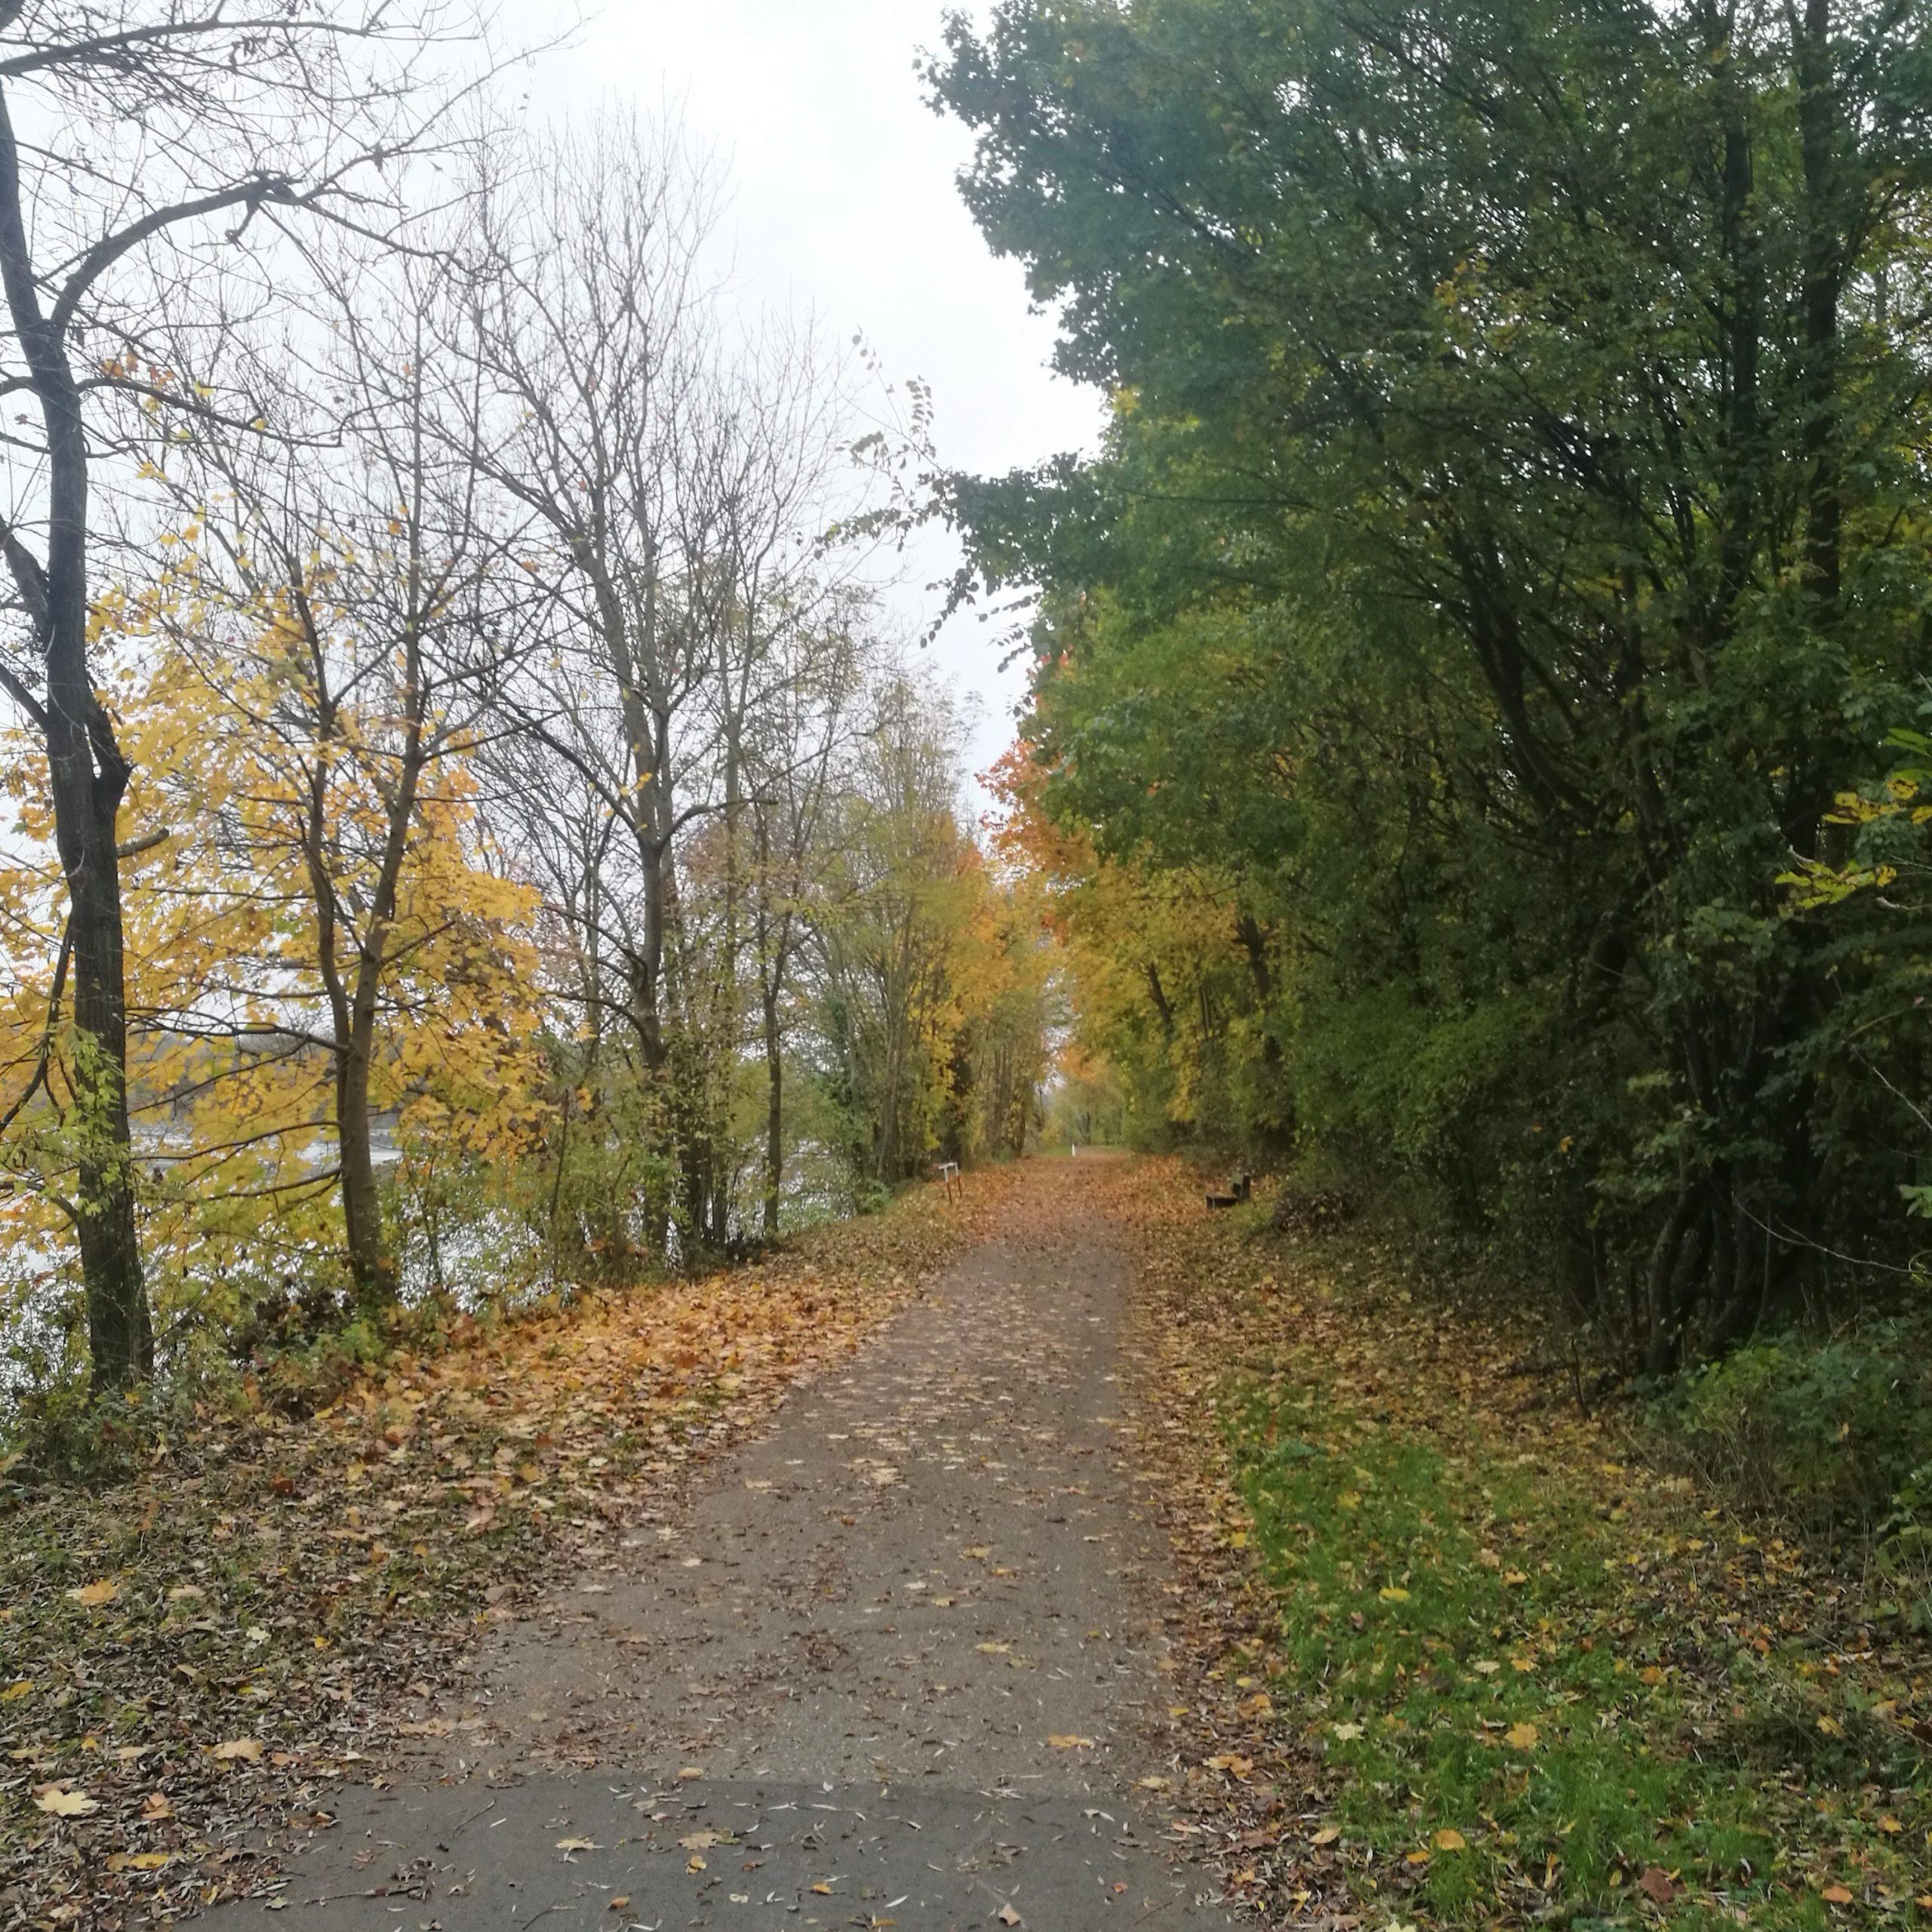 Weg mit Bäumen und Herbstlaub